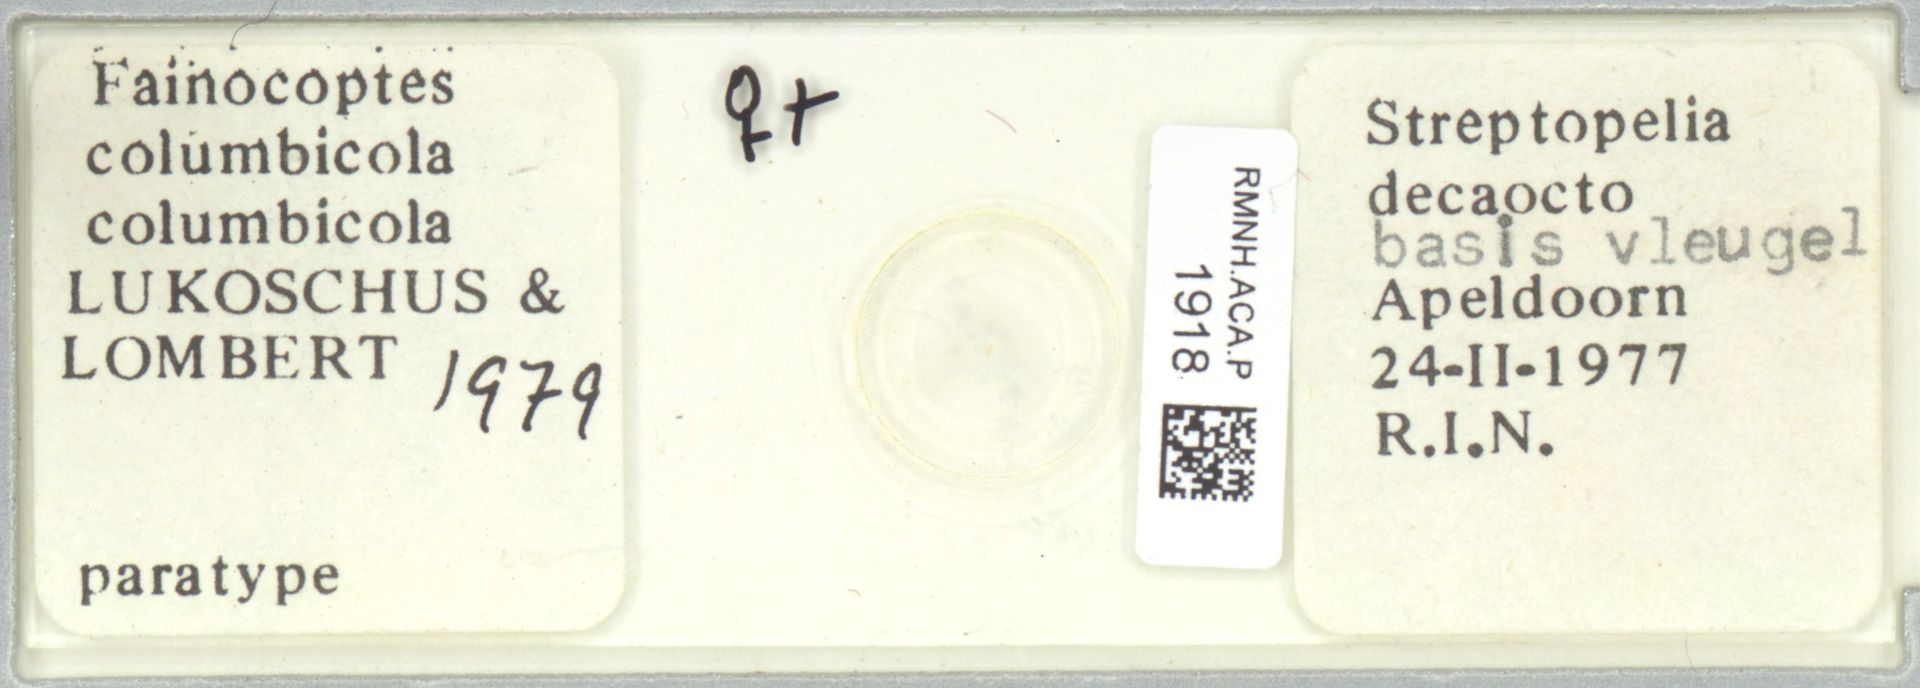 RMNH.ACA.P.1918 | Fainocoptes columbicula columbicula Lukoschus & Lombert, 1979